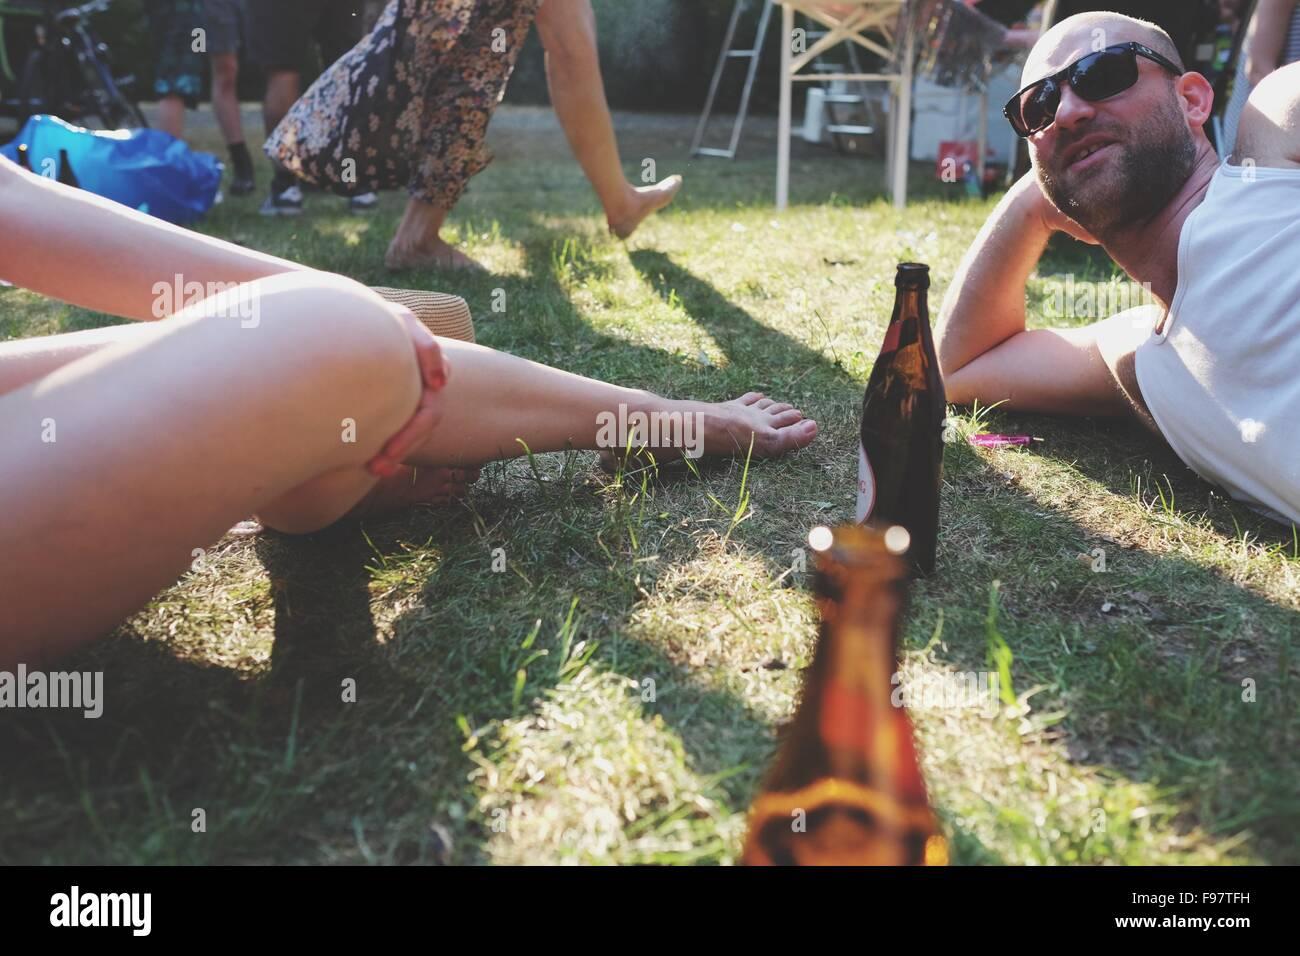 Uomo e donna con bottiglie di birra in posizione di parcheggio Immagini Stock